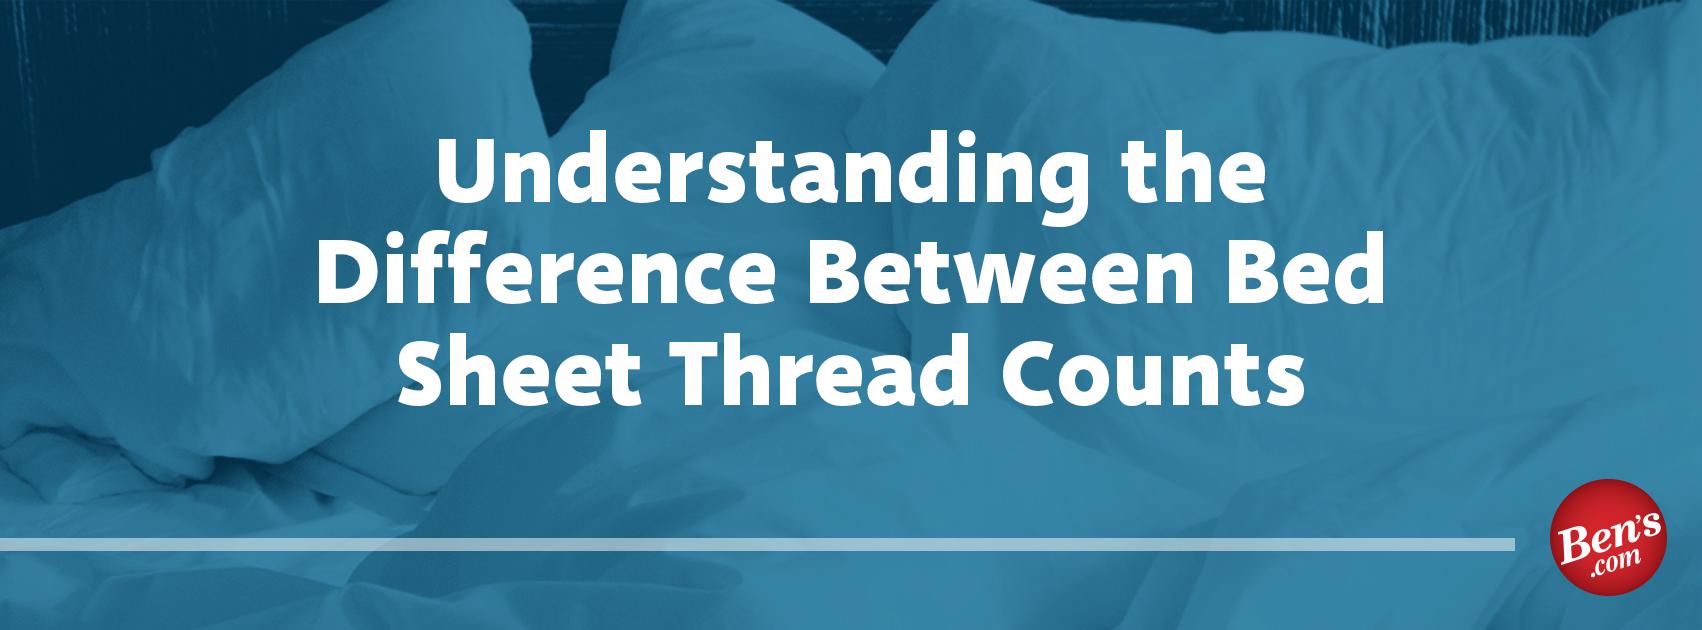 understanding the difference between bedsheet thread counts ben s